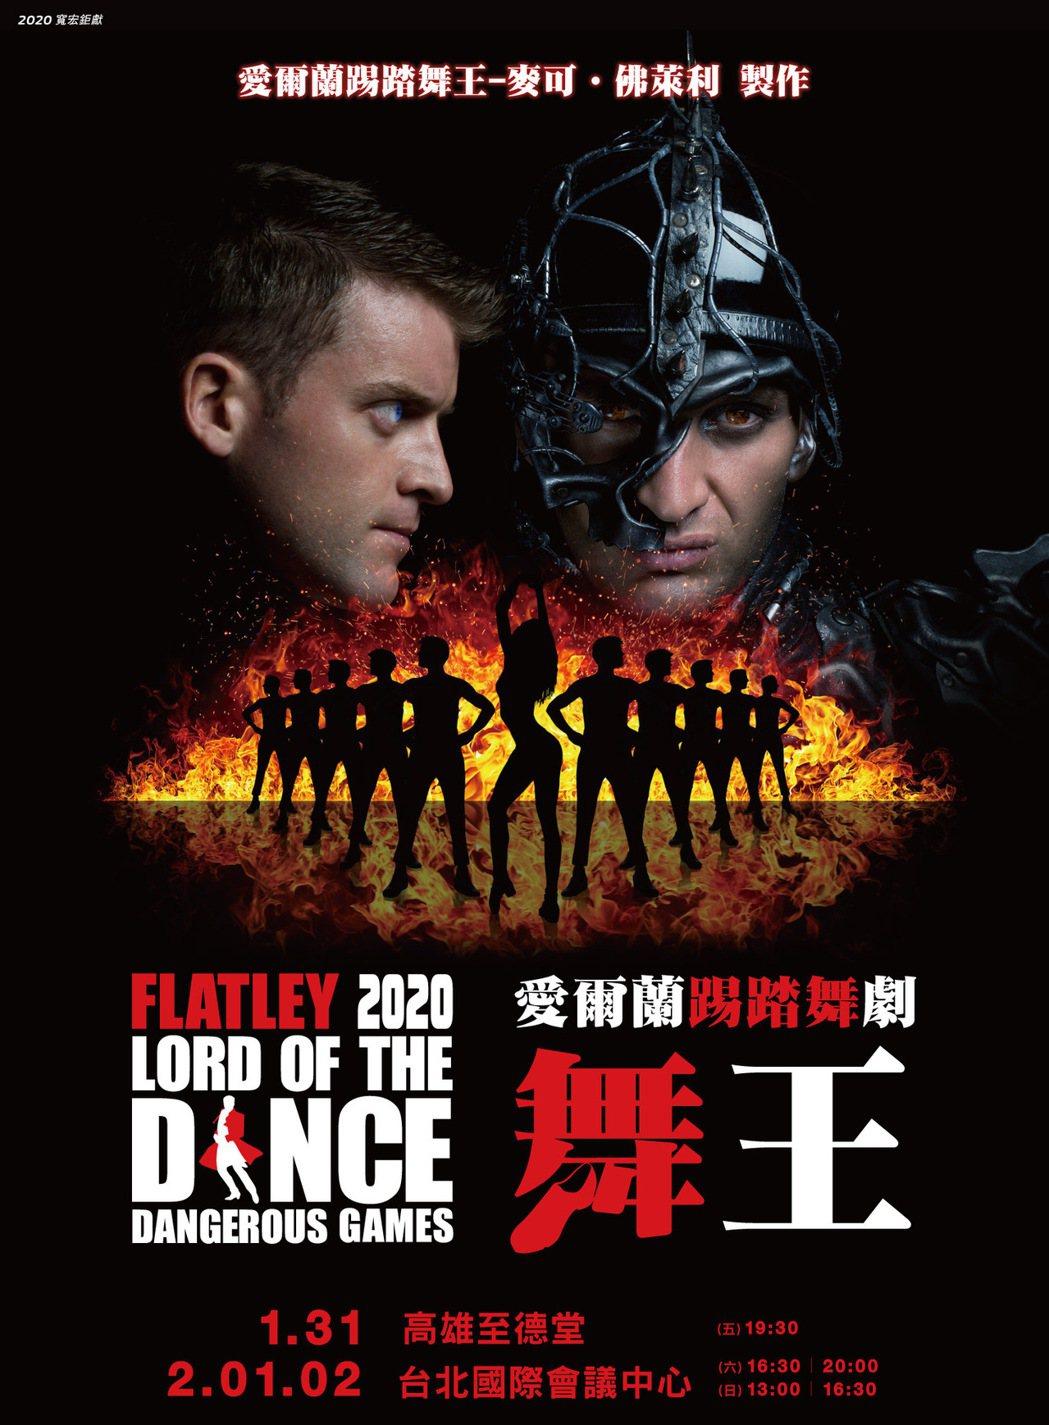 2020愛爾蘭踢踏舞劇11月12日開始售票。圖/寬宏藝術提供